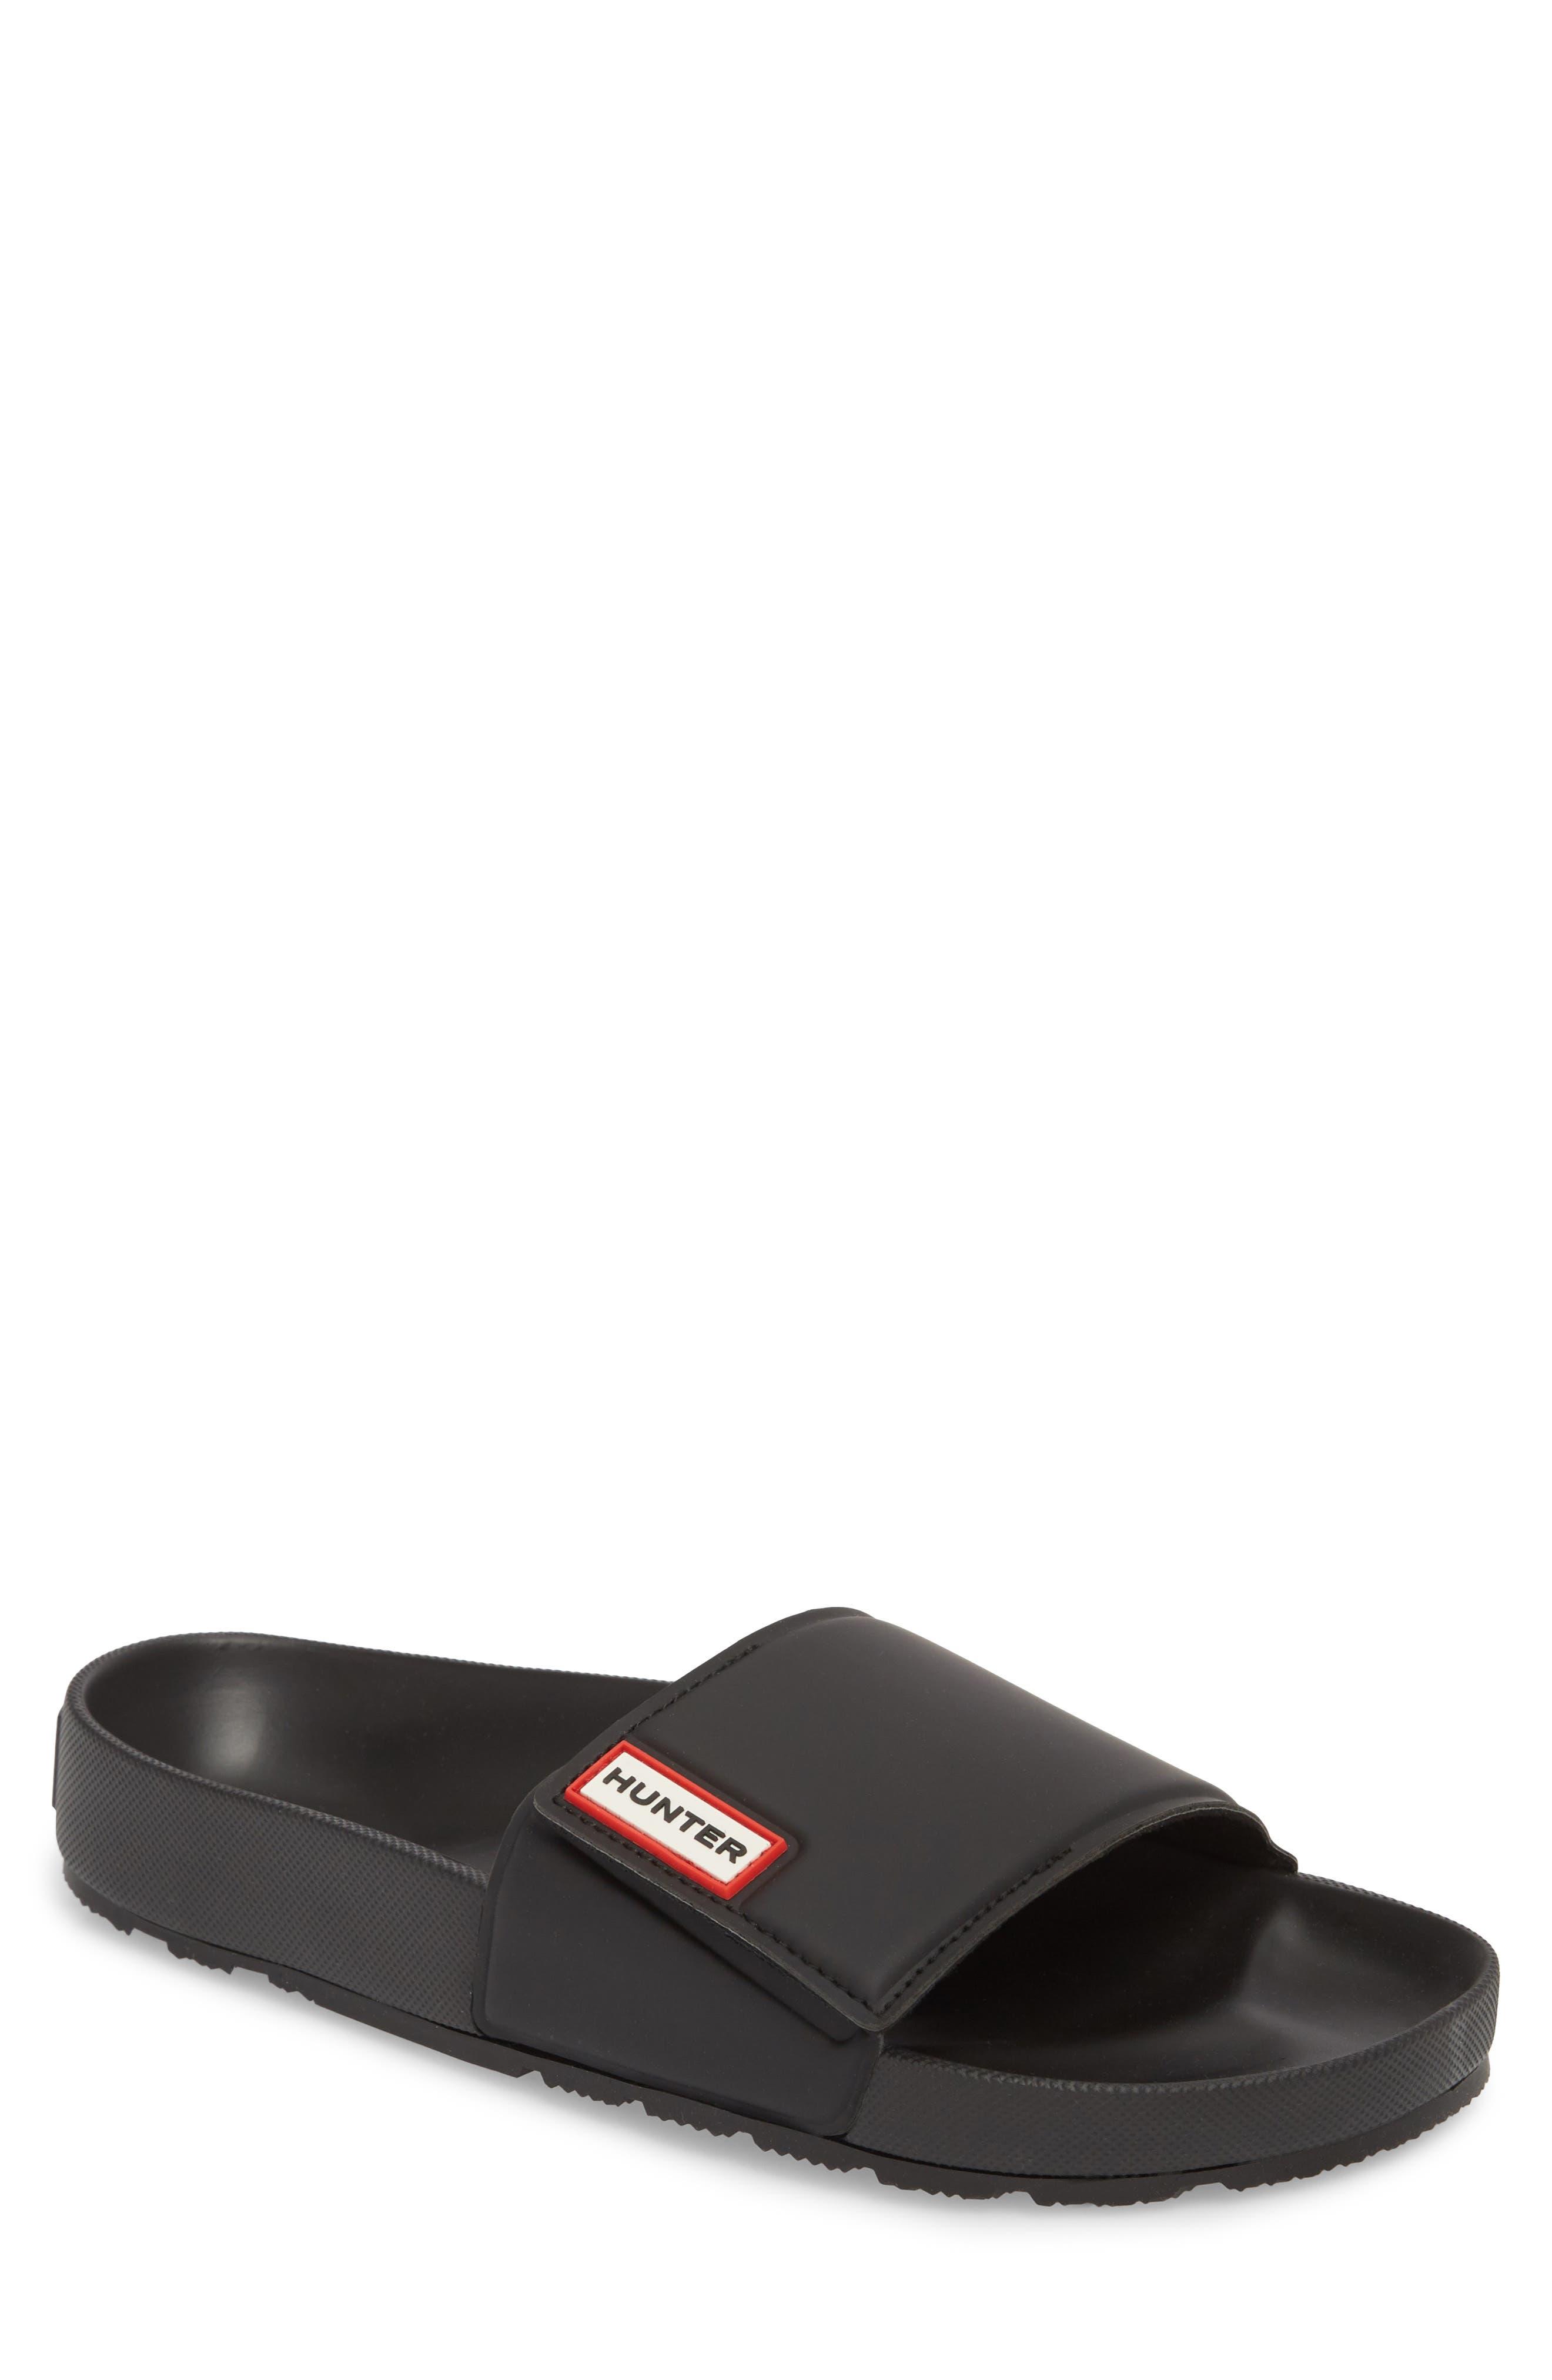 Original Adjustable Slide Sandal,                         Main,                         color, BLACK